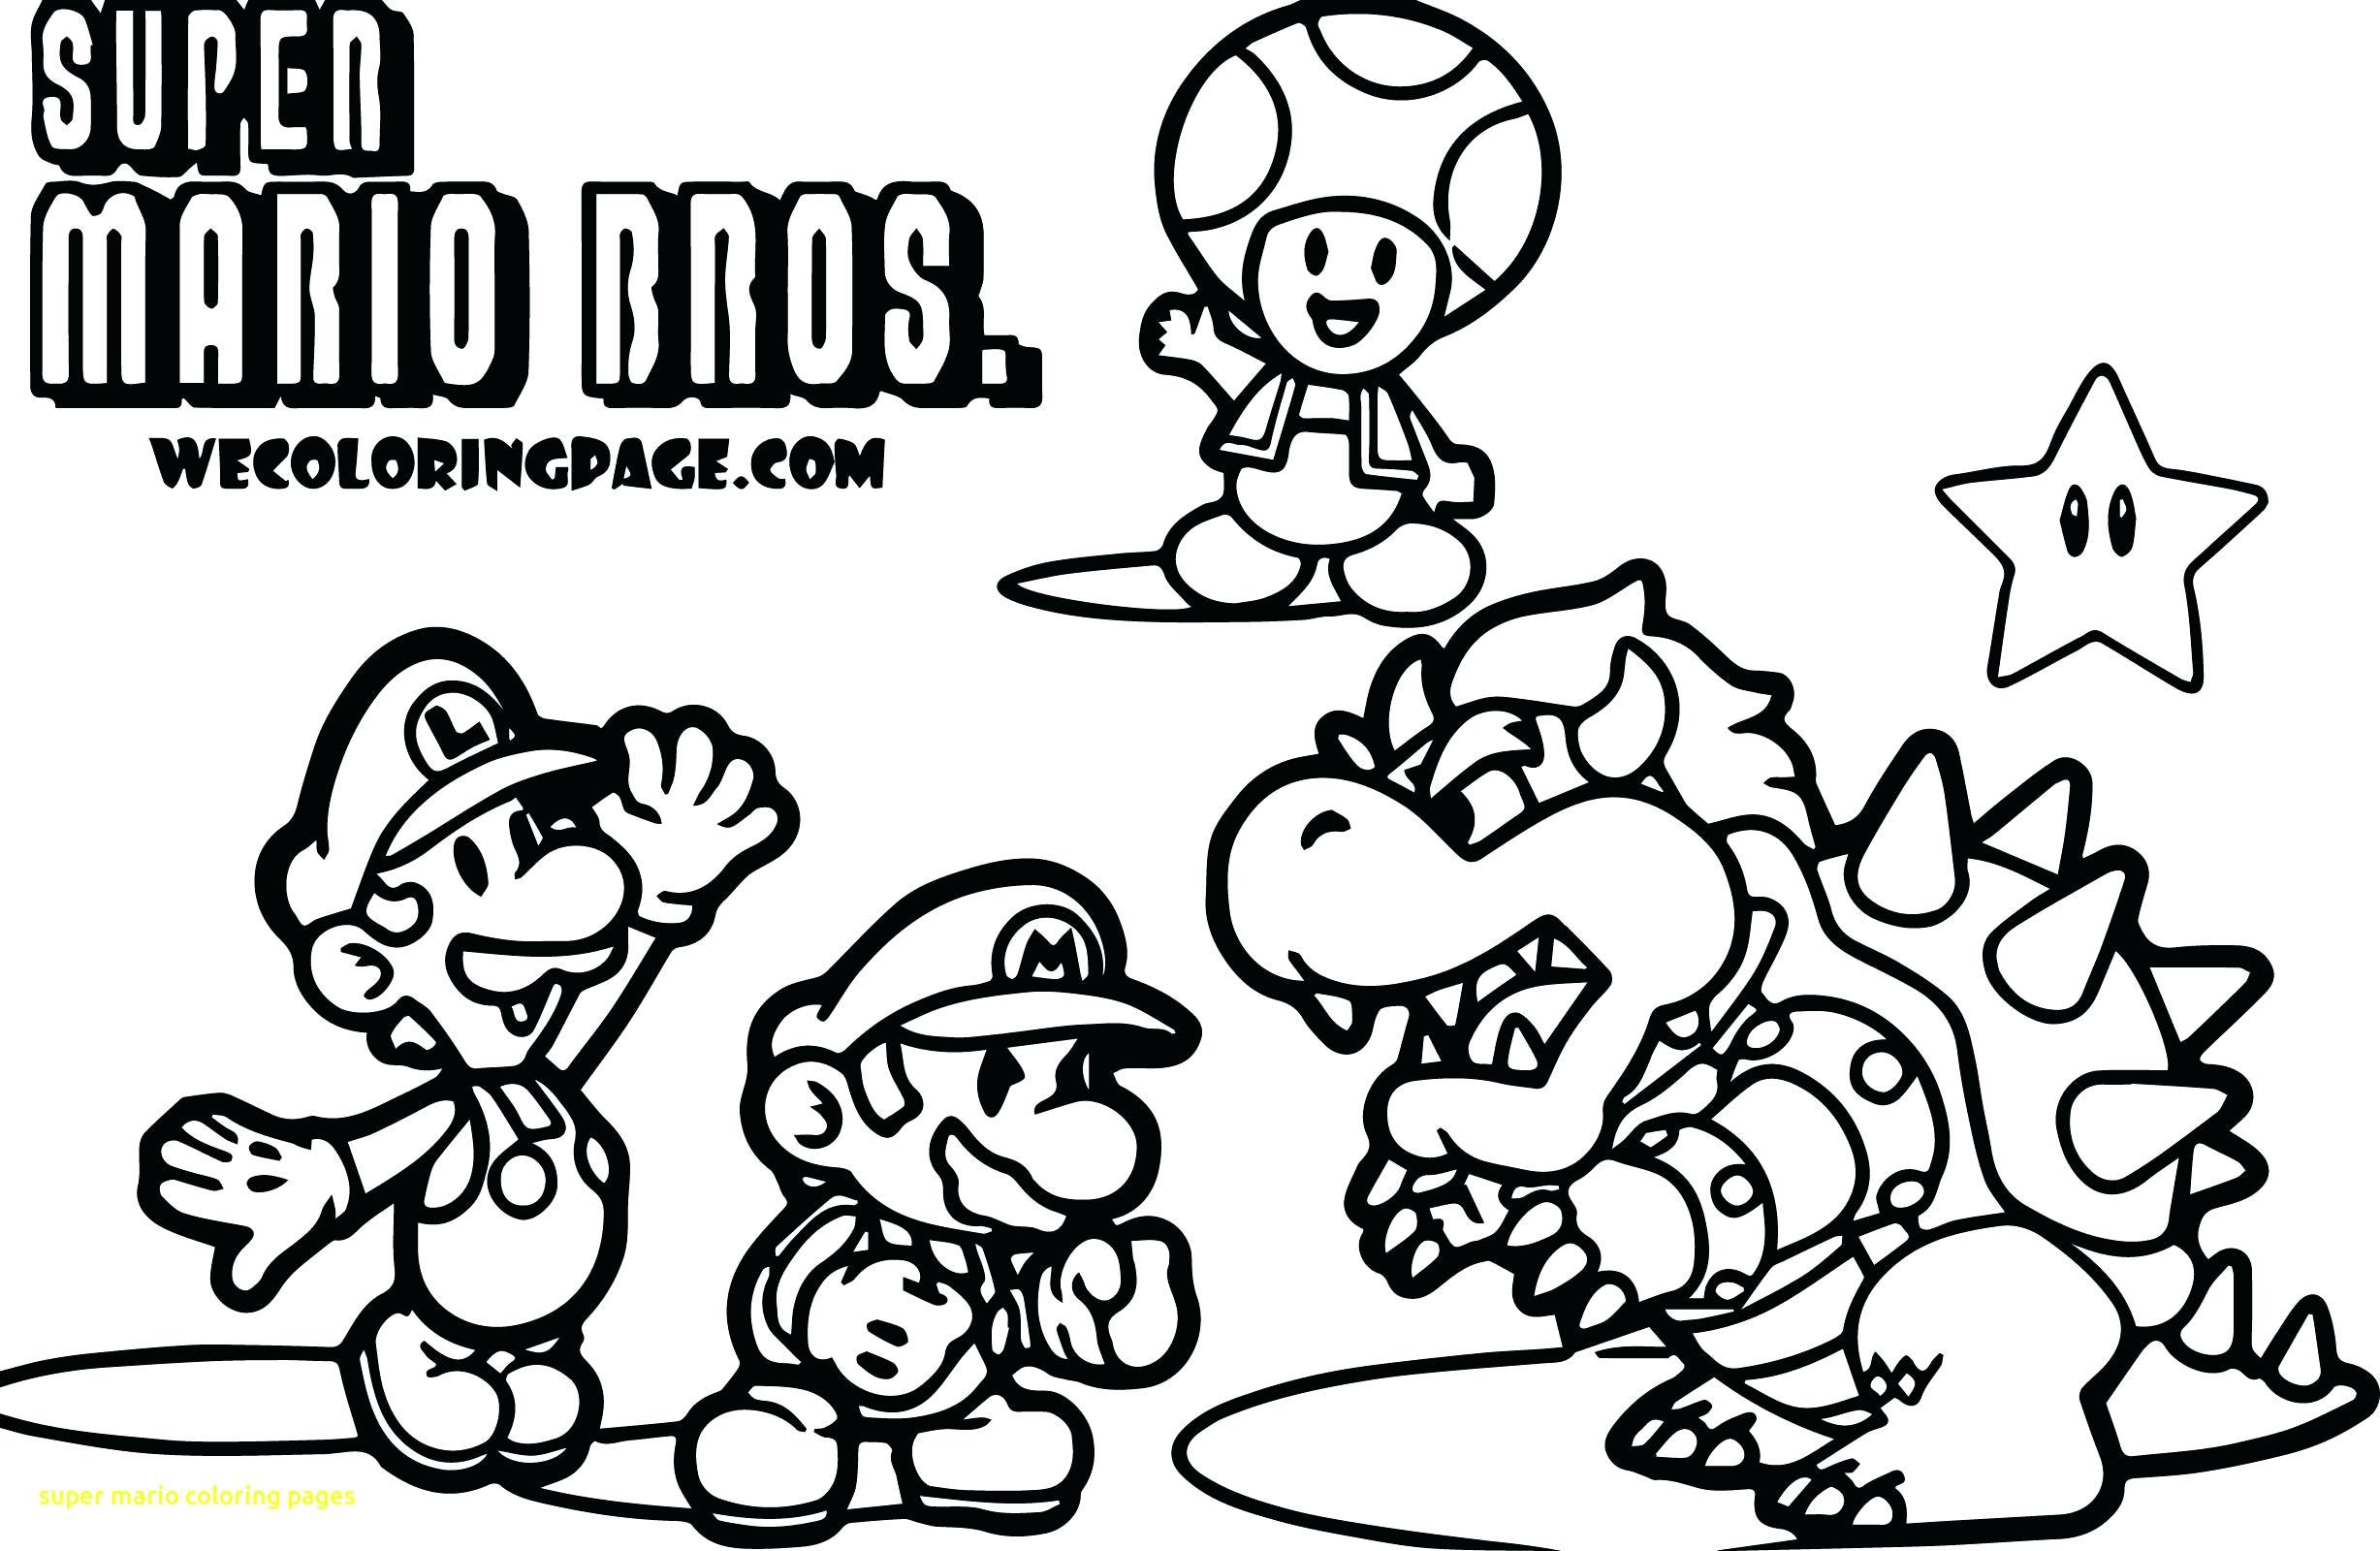 223 Ausmalbilder Super Mario 23d World - Besten Bilder von ausmalbilder